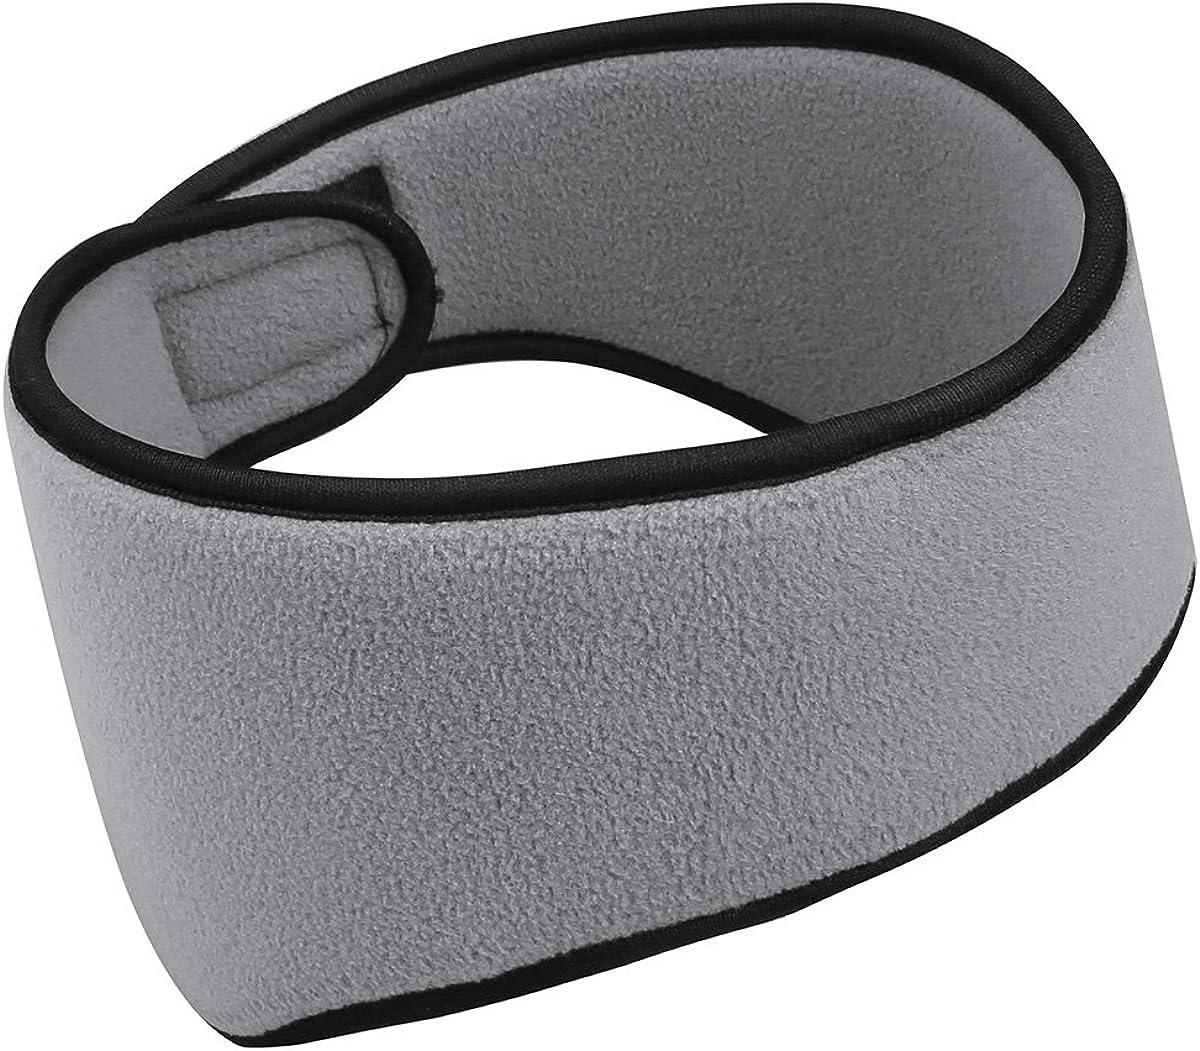 Freebily Ear Warmers Polar Fleece Headband Ear Muffs Winter Accessory Outdoor Sports Gray One Size